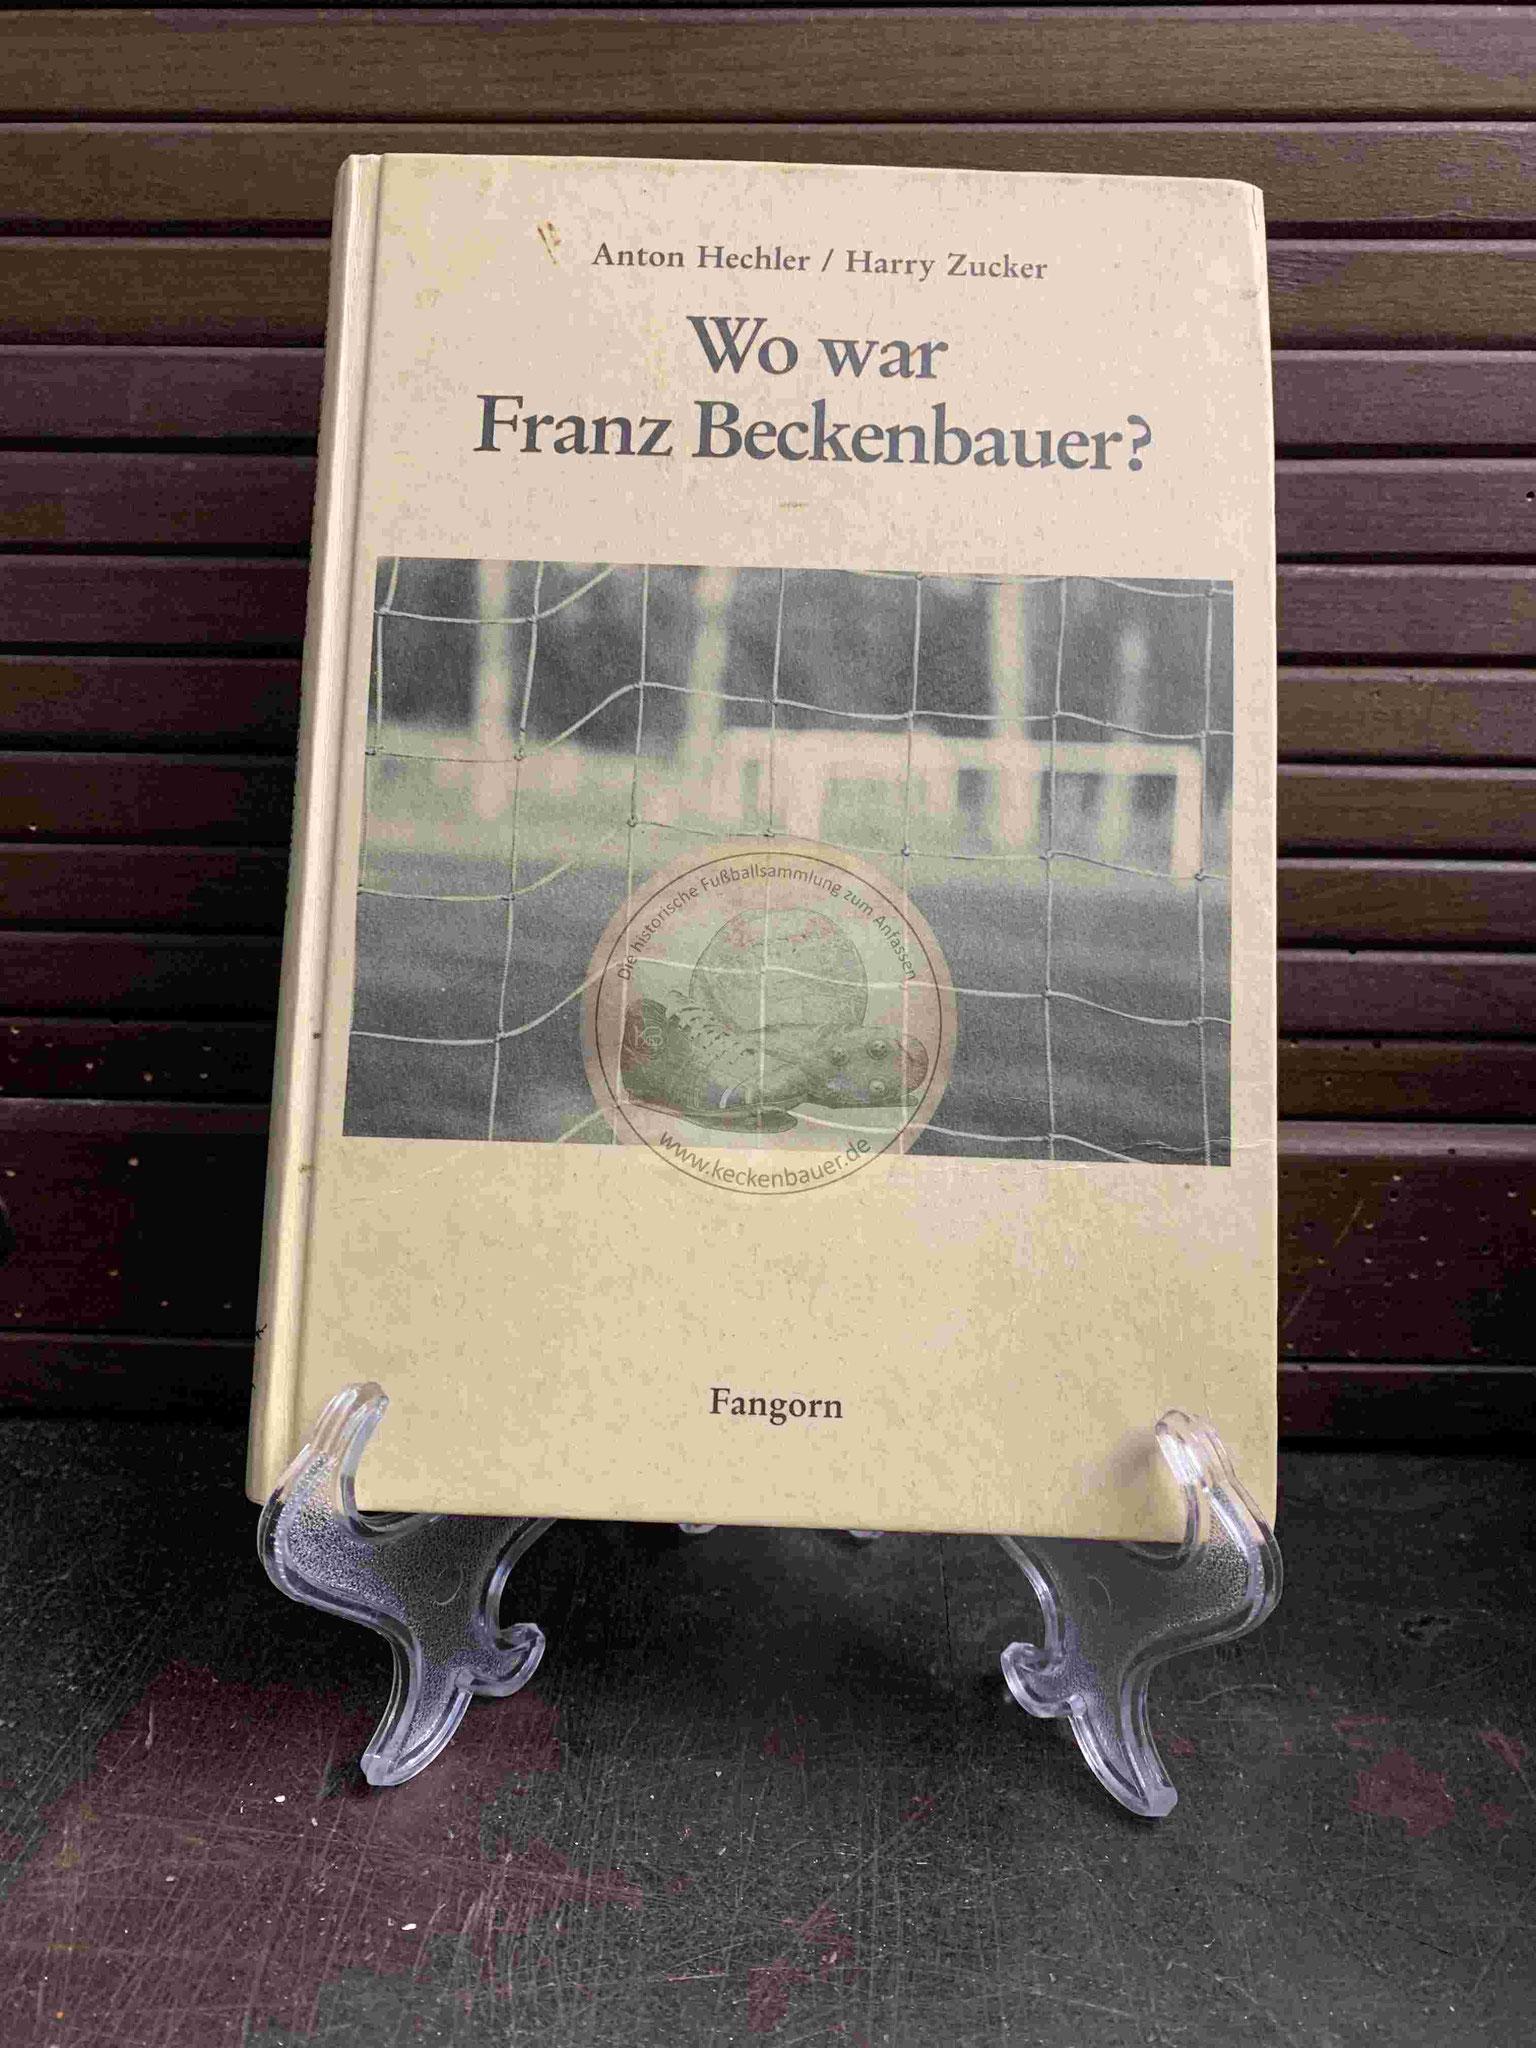 1991 Wo war Franz Beckenbauer von Anton Hechler und Harry Zucker